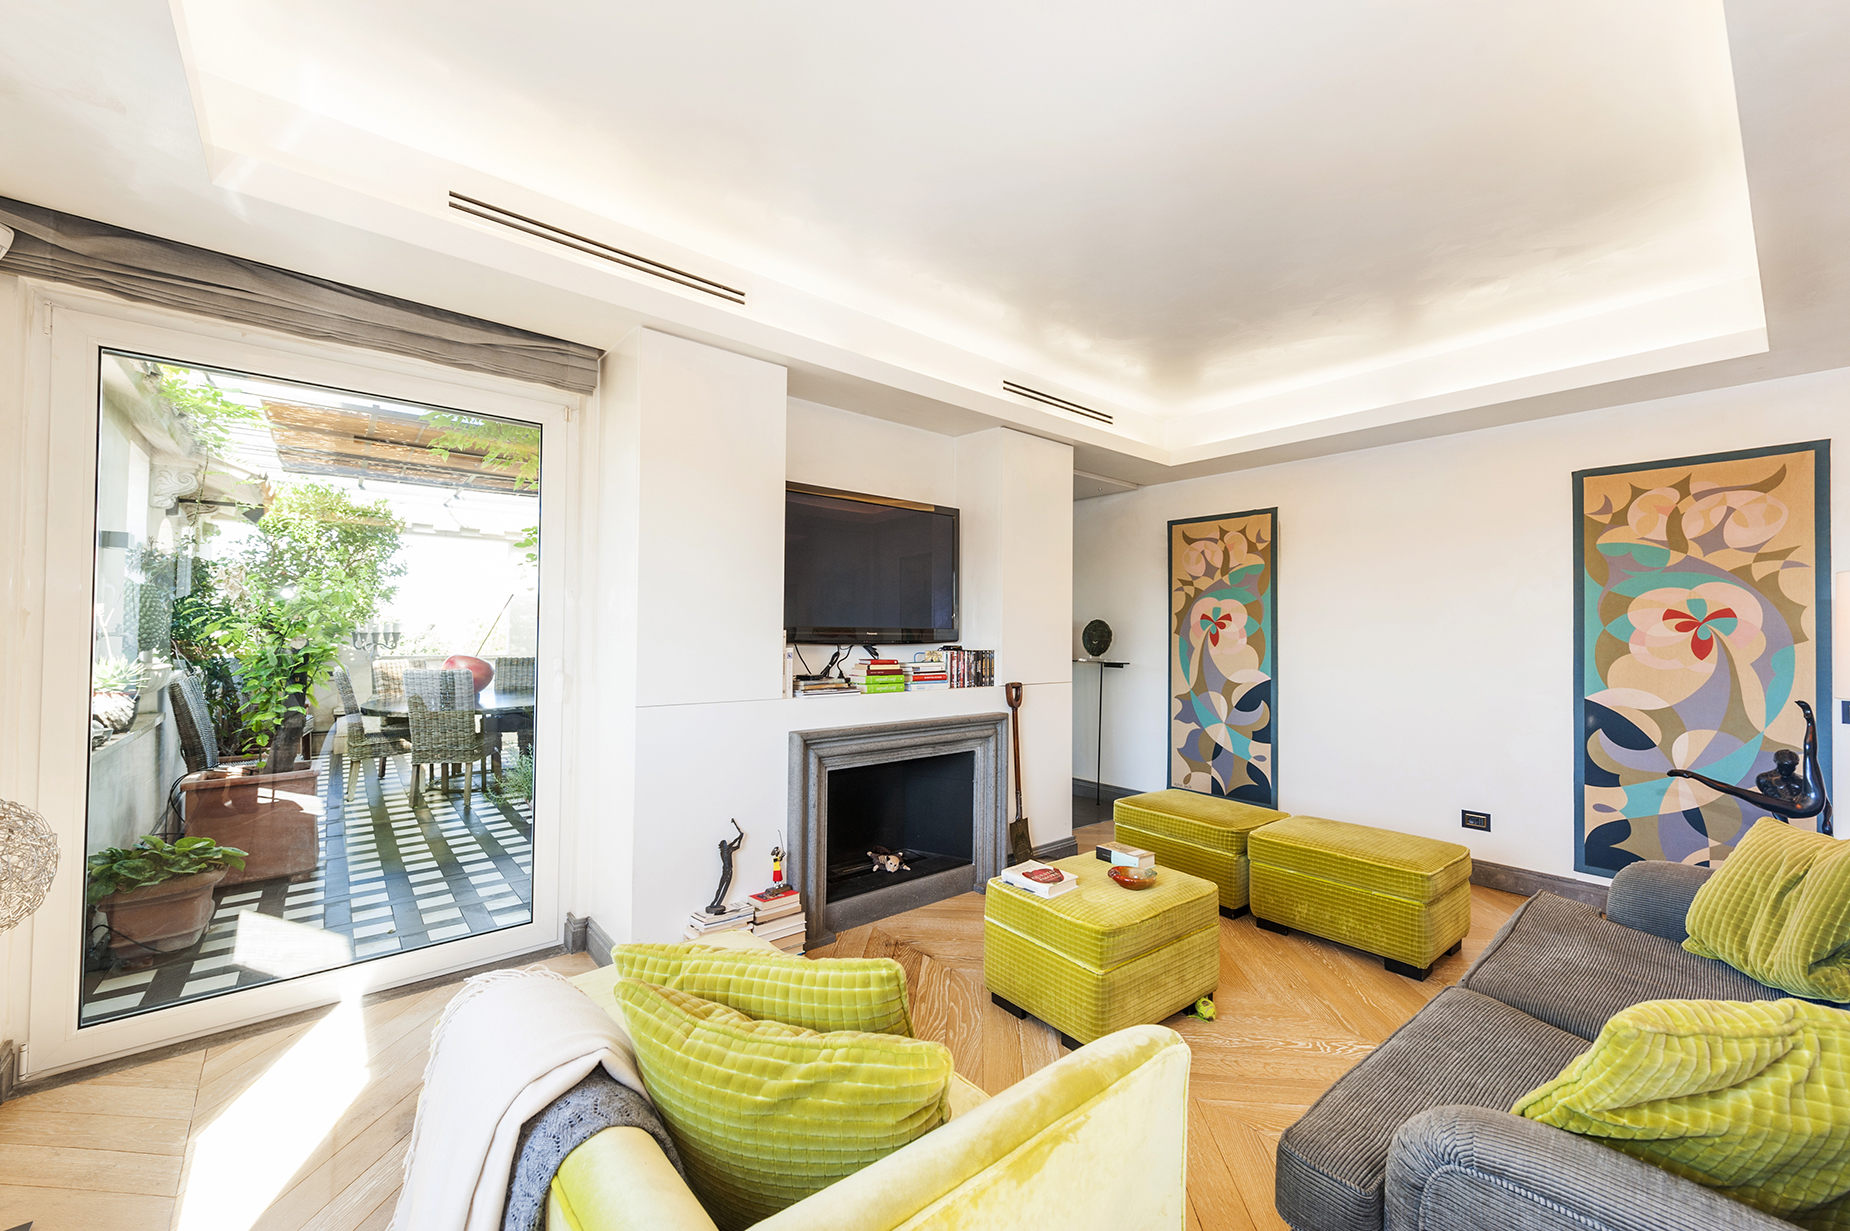 Appartamento di lusso in vendita a roma via ludovisi trovocasa pregio w6247071 - Appartamento in vendita citta giardino roma ...